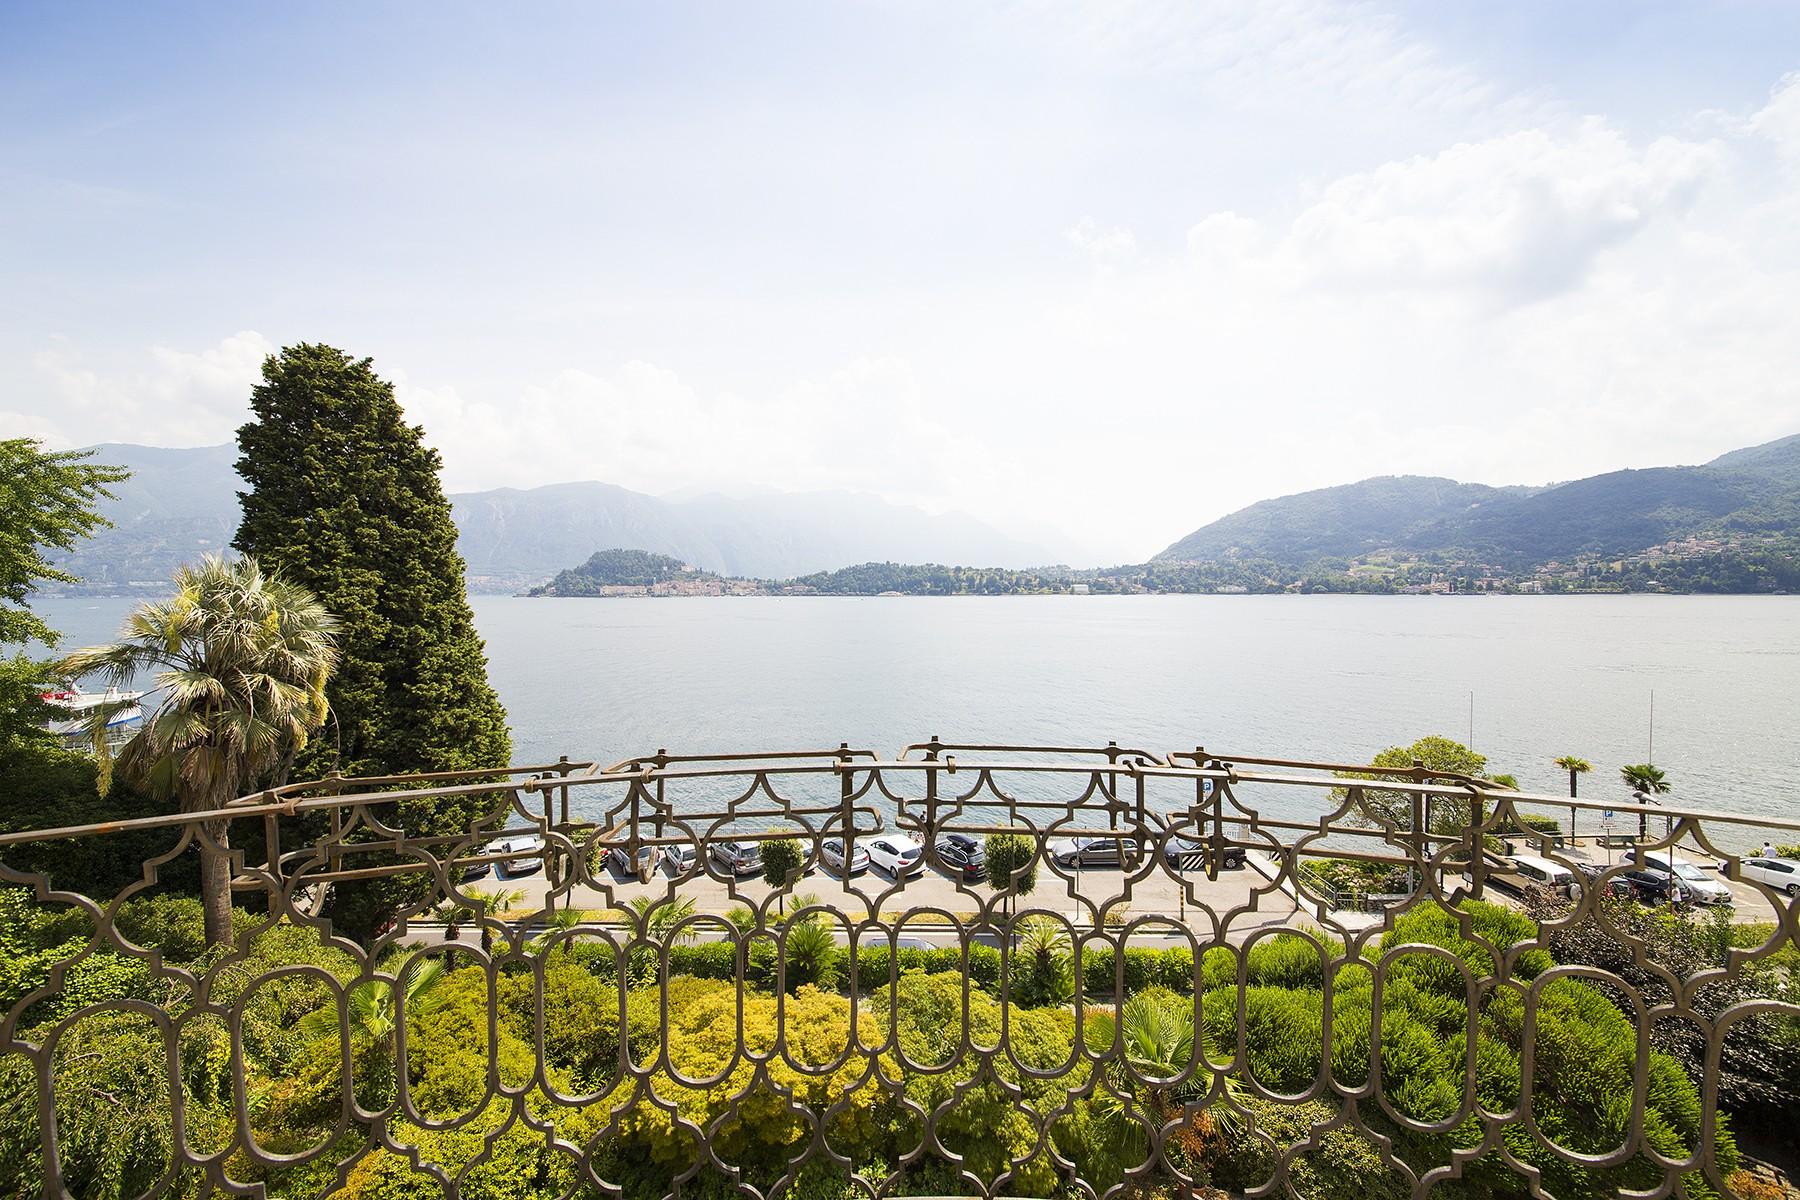 Property For Sale at Elegante historische Villa gegenüber vom See liegend mit spektakulärem Blick